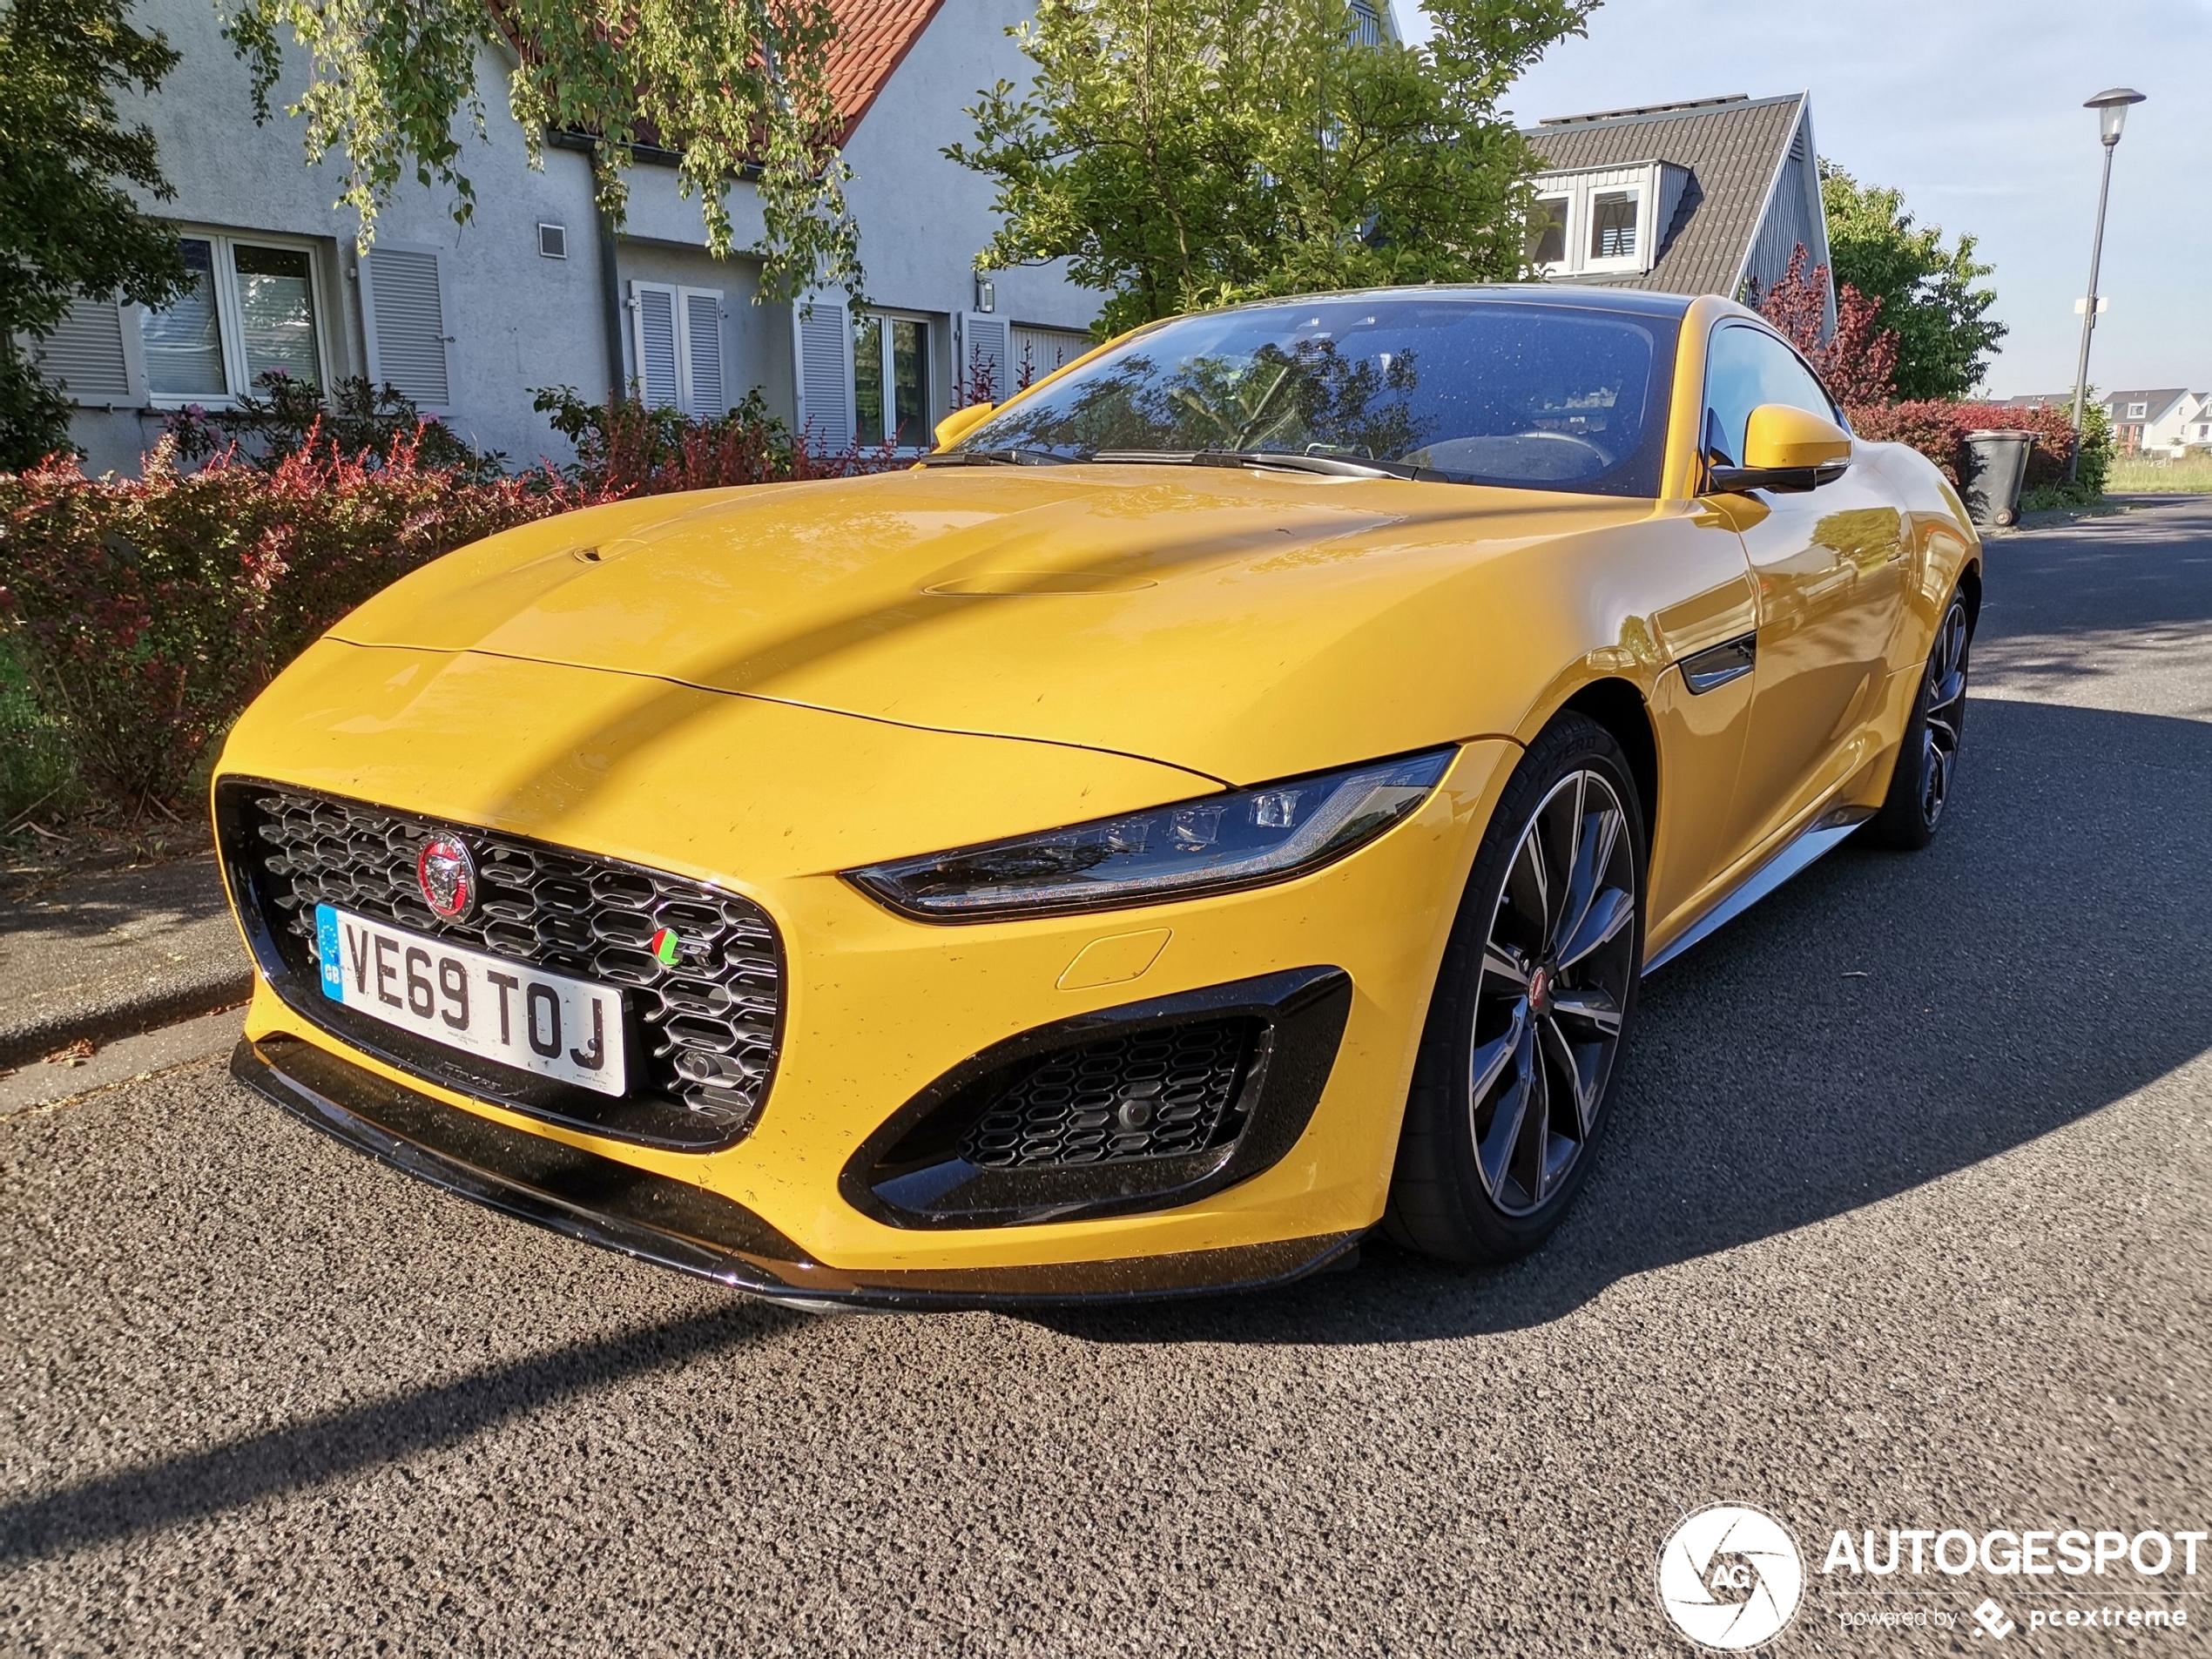 Jaguar F-TYPE R Coupé 2020 - 14 May 2020 - Autogespot